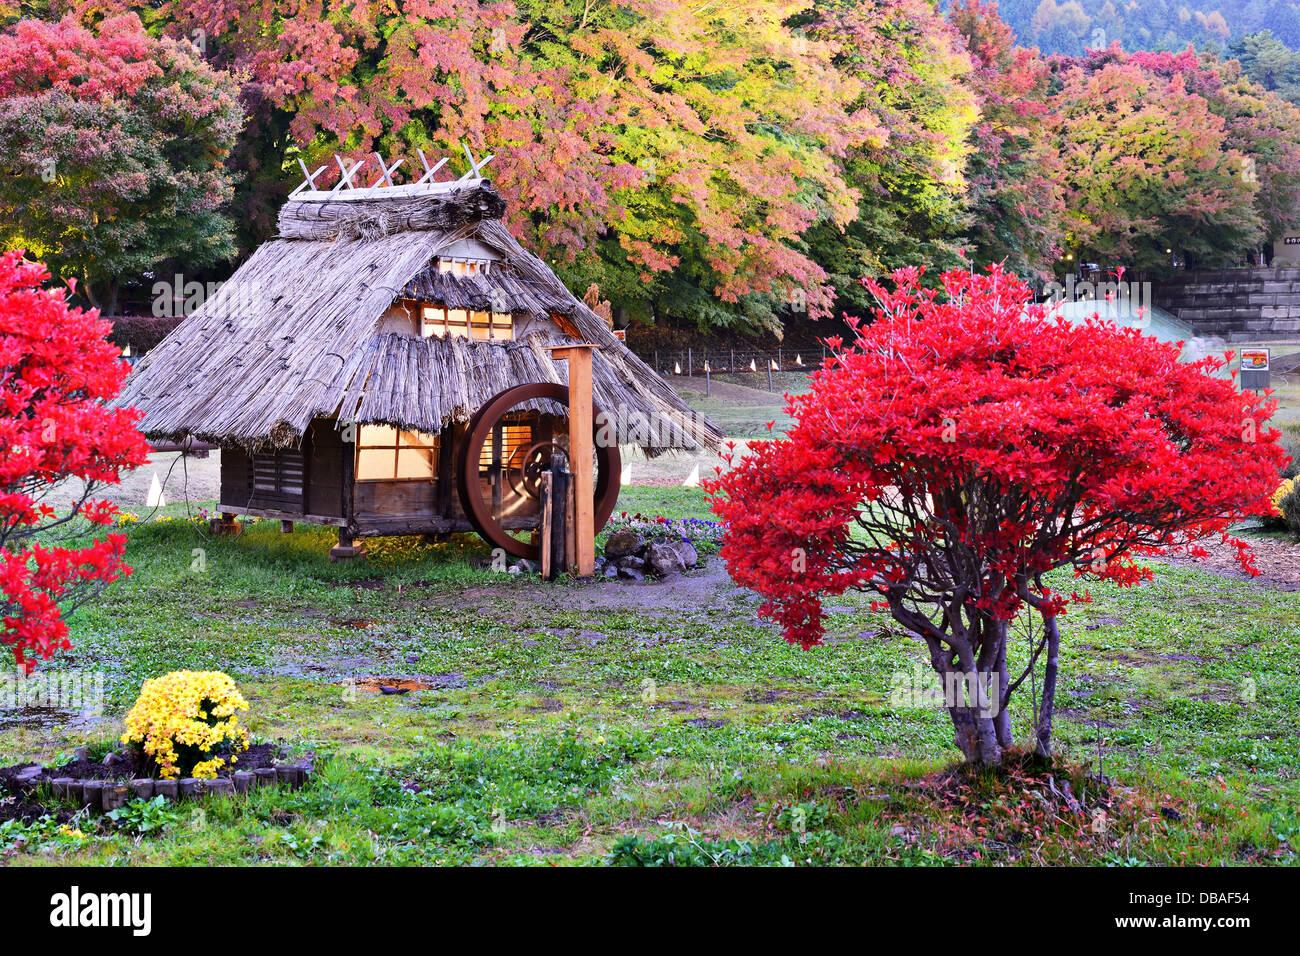 Cabañas y el follaje de otoño en Kawaguchi, Japón. Imagen De Stock